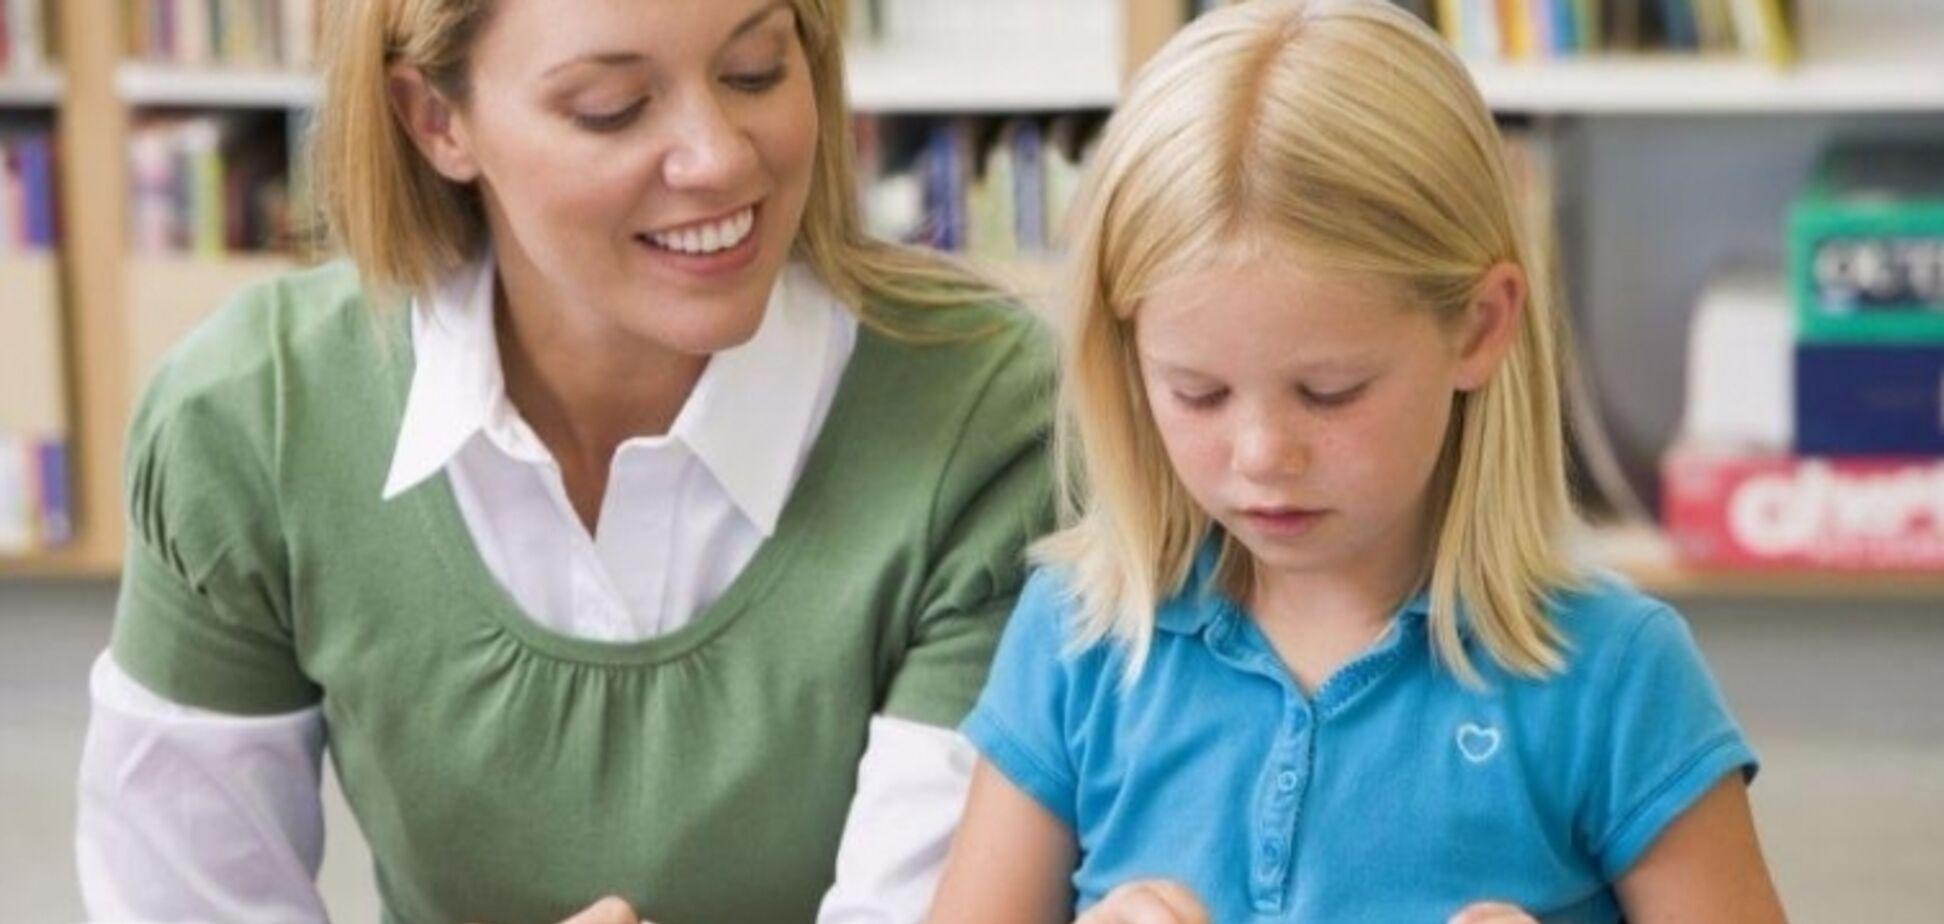 Для аттестата школа больше не нужна: индивидуальное обучение и что с ним делать?